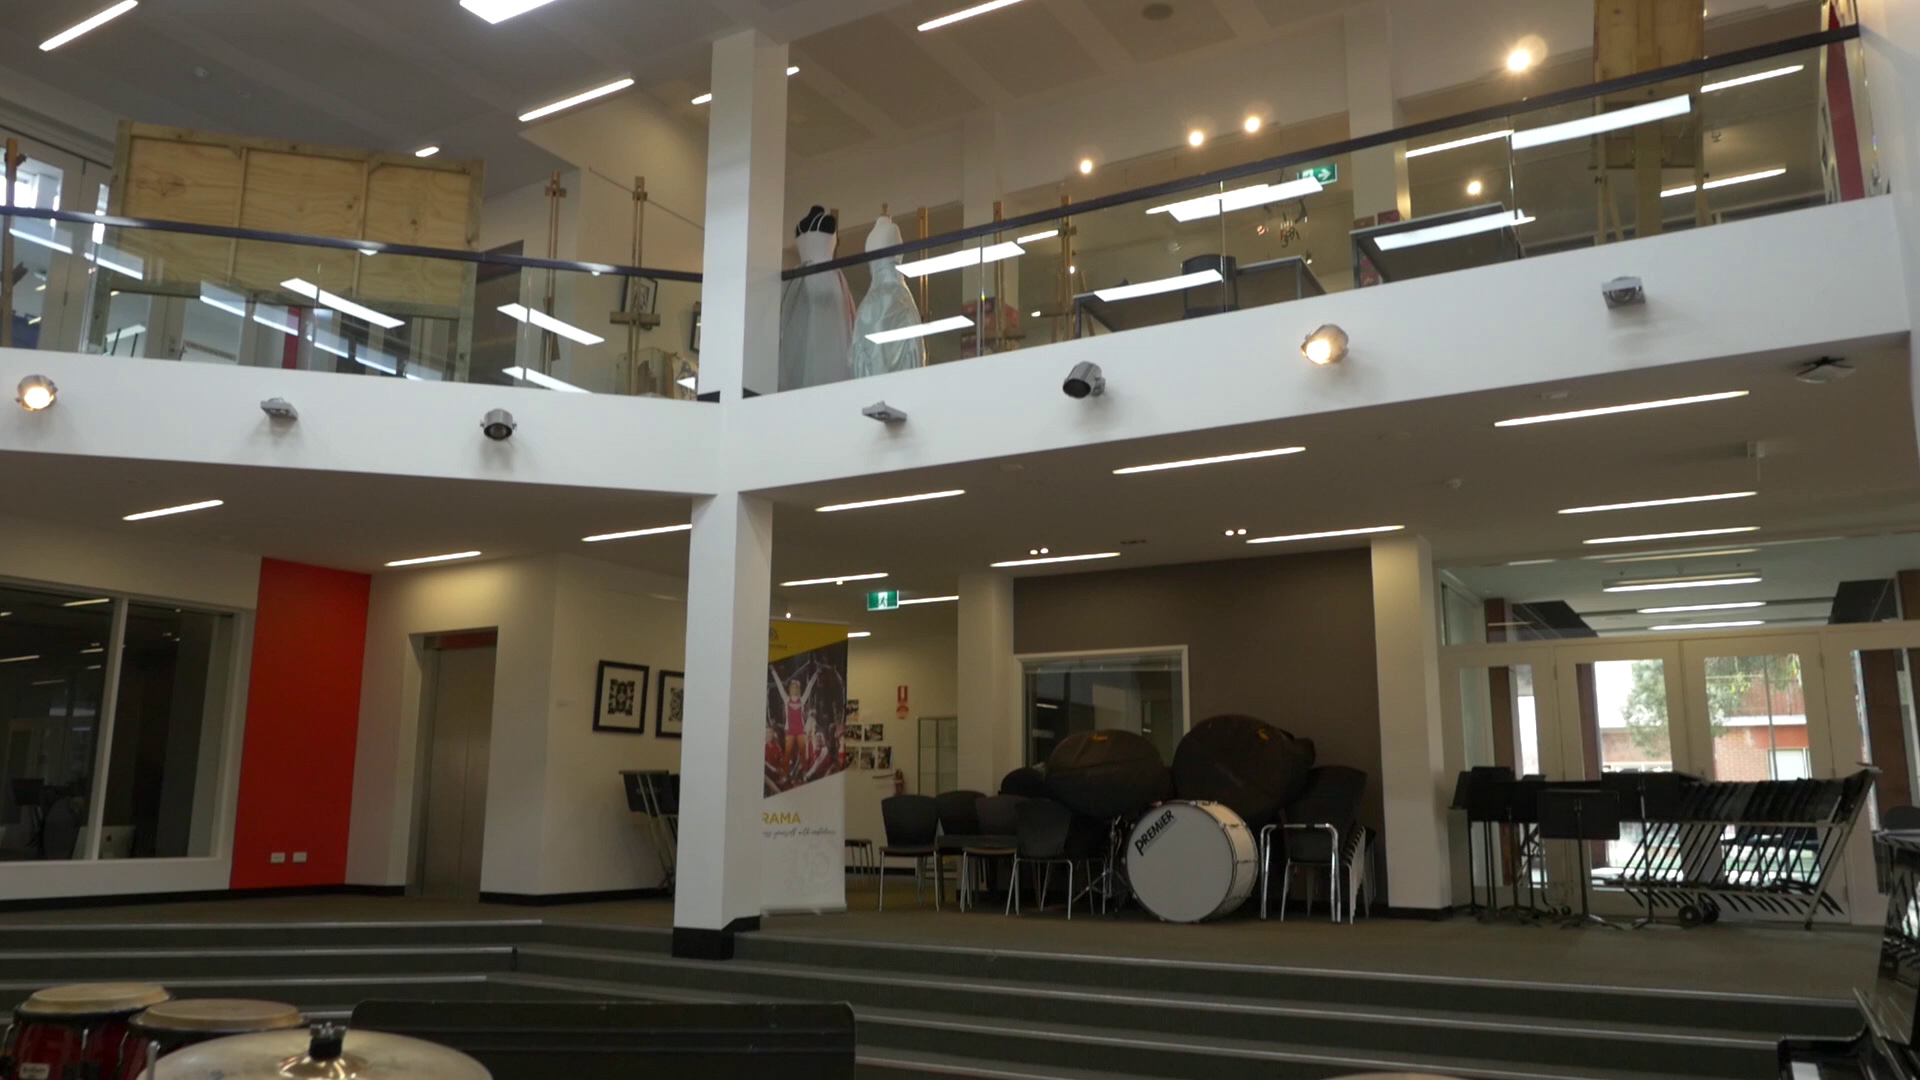 Facilities CPAC